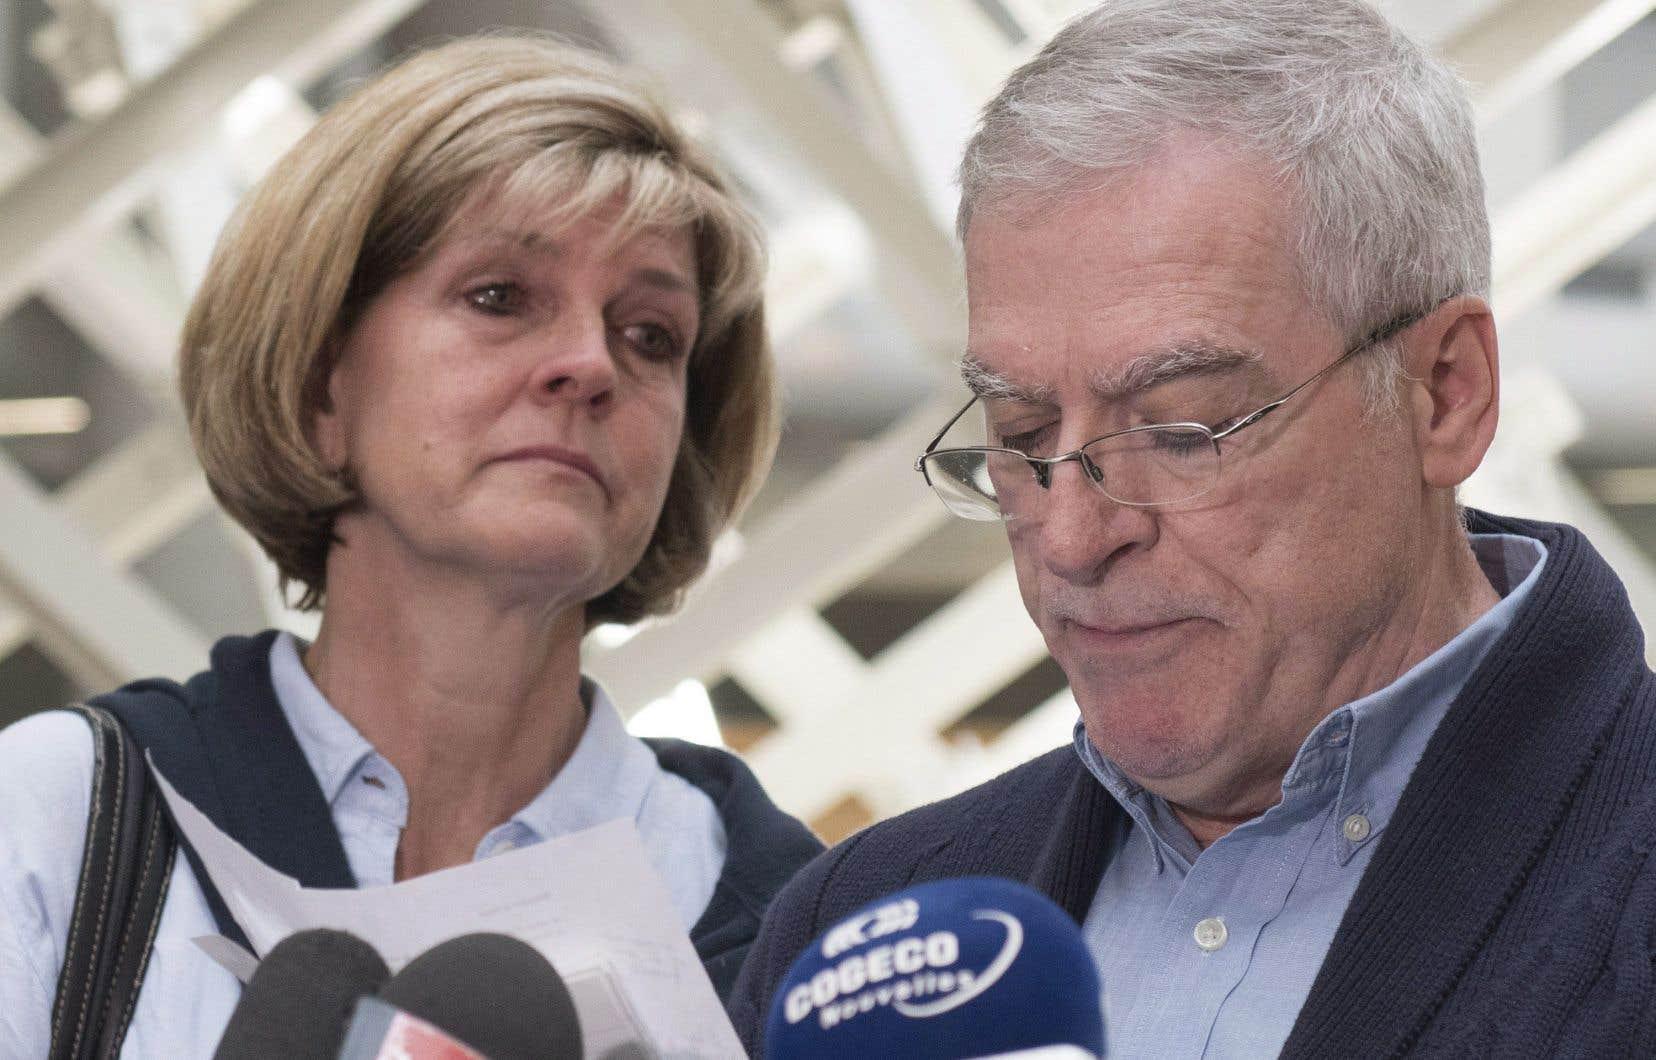 Manon Marchand et Raymond Bissonnette, les parents du tueur de la mosquée de Québec, ont brisé le silence jeudi au terme des observations sur la peine.